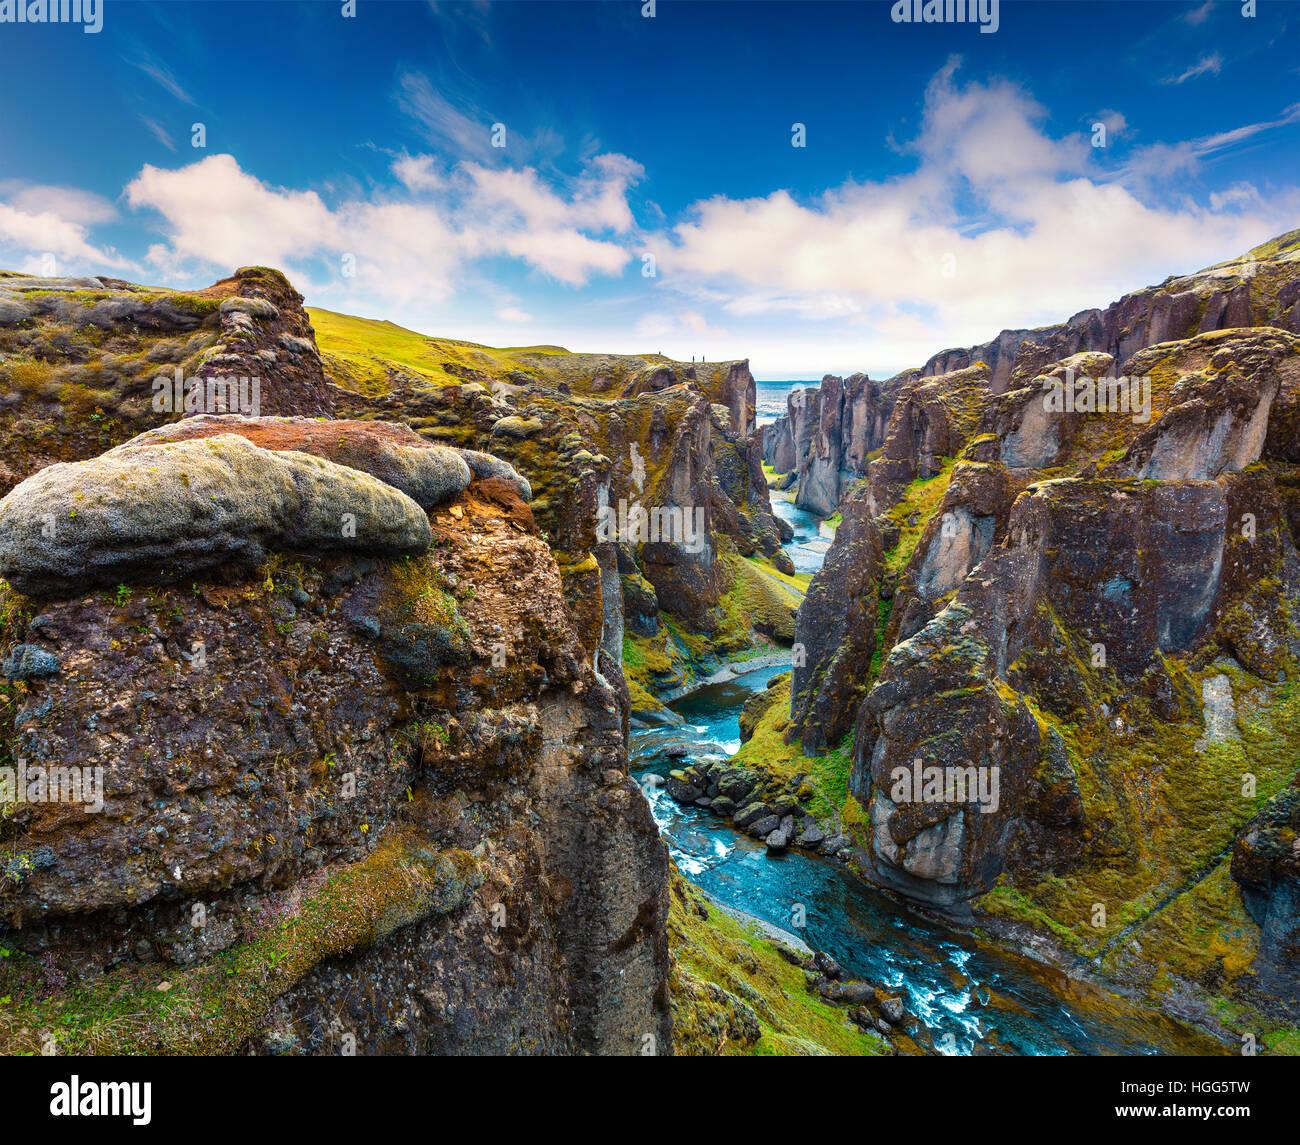 Vue majestueuse de Fjadrargljufur canyon et la rivière. Au sud est de l'Islande, l'Europe. Style artistique Photo Stock